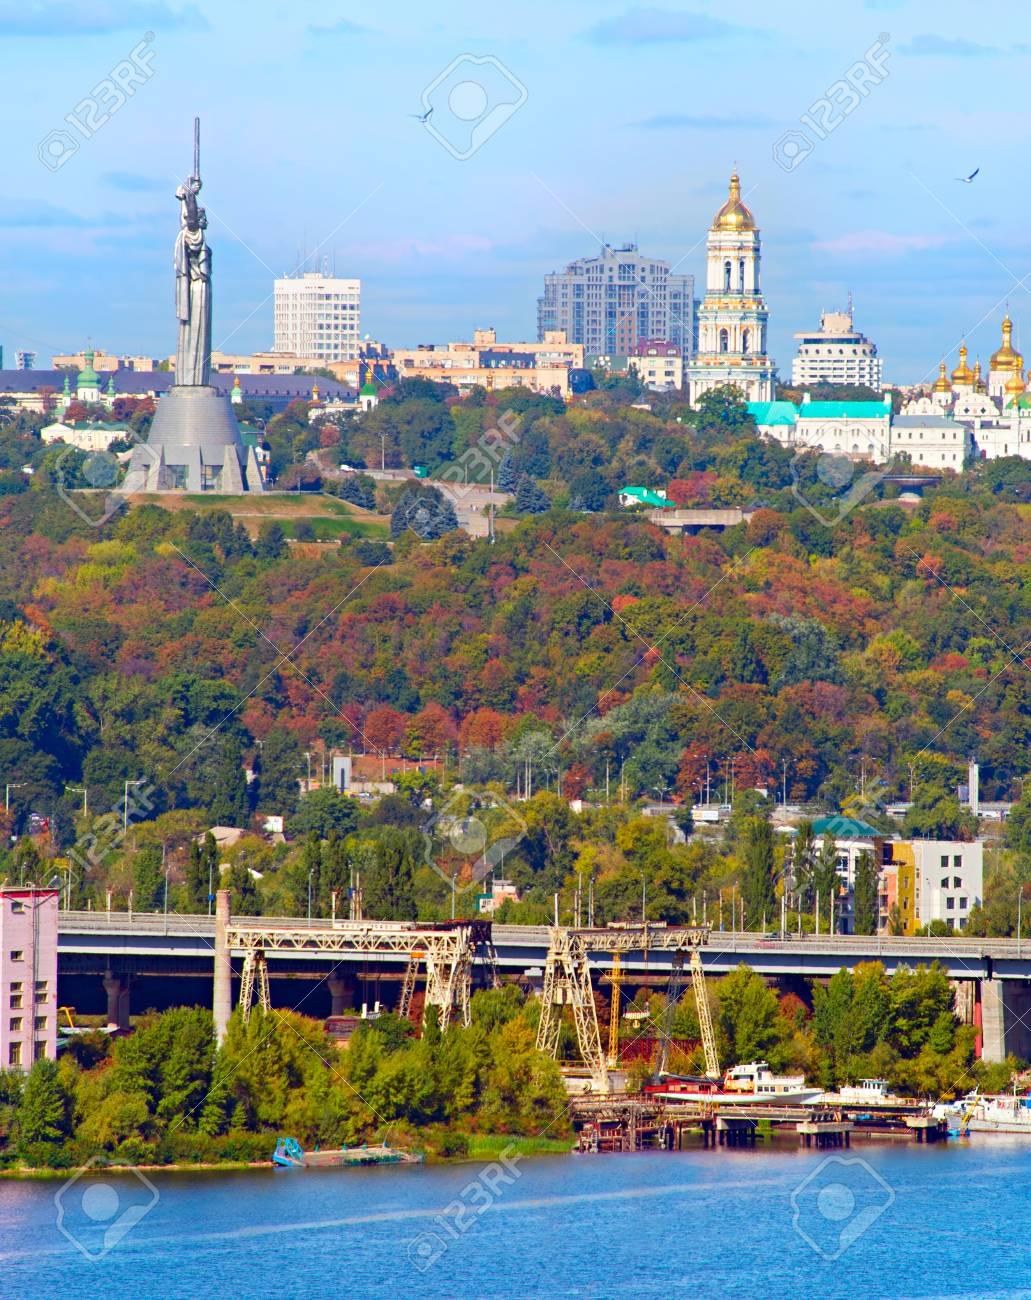 Paisaje Urbano De Kiev La Capital De Ucrania En El Dia De Sol Fotos Retratos Imagenes Y Fotografia De Archivo Libres De Derecho Image 57568421